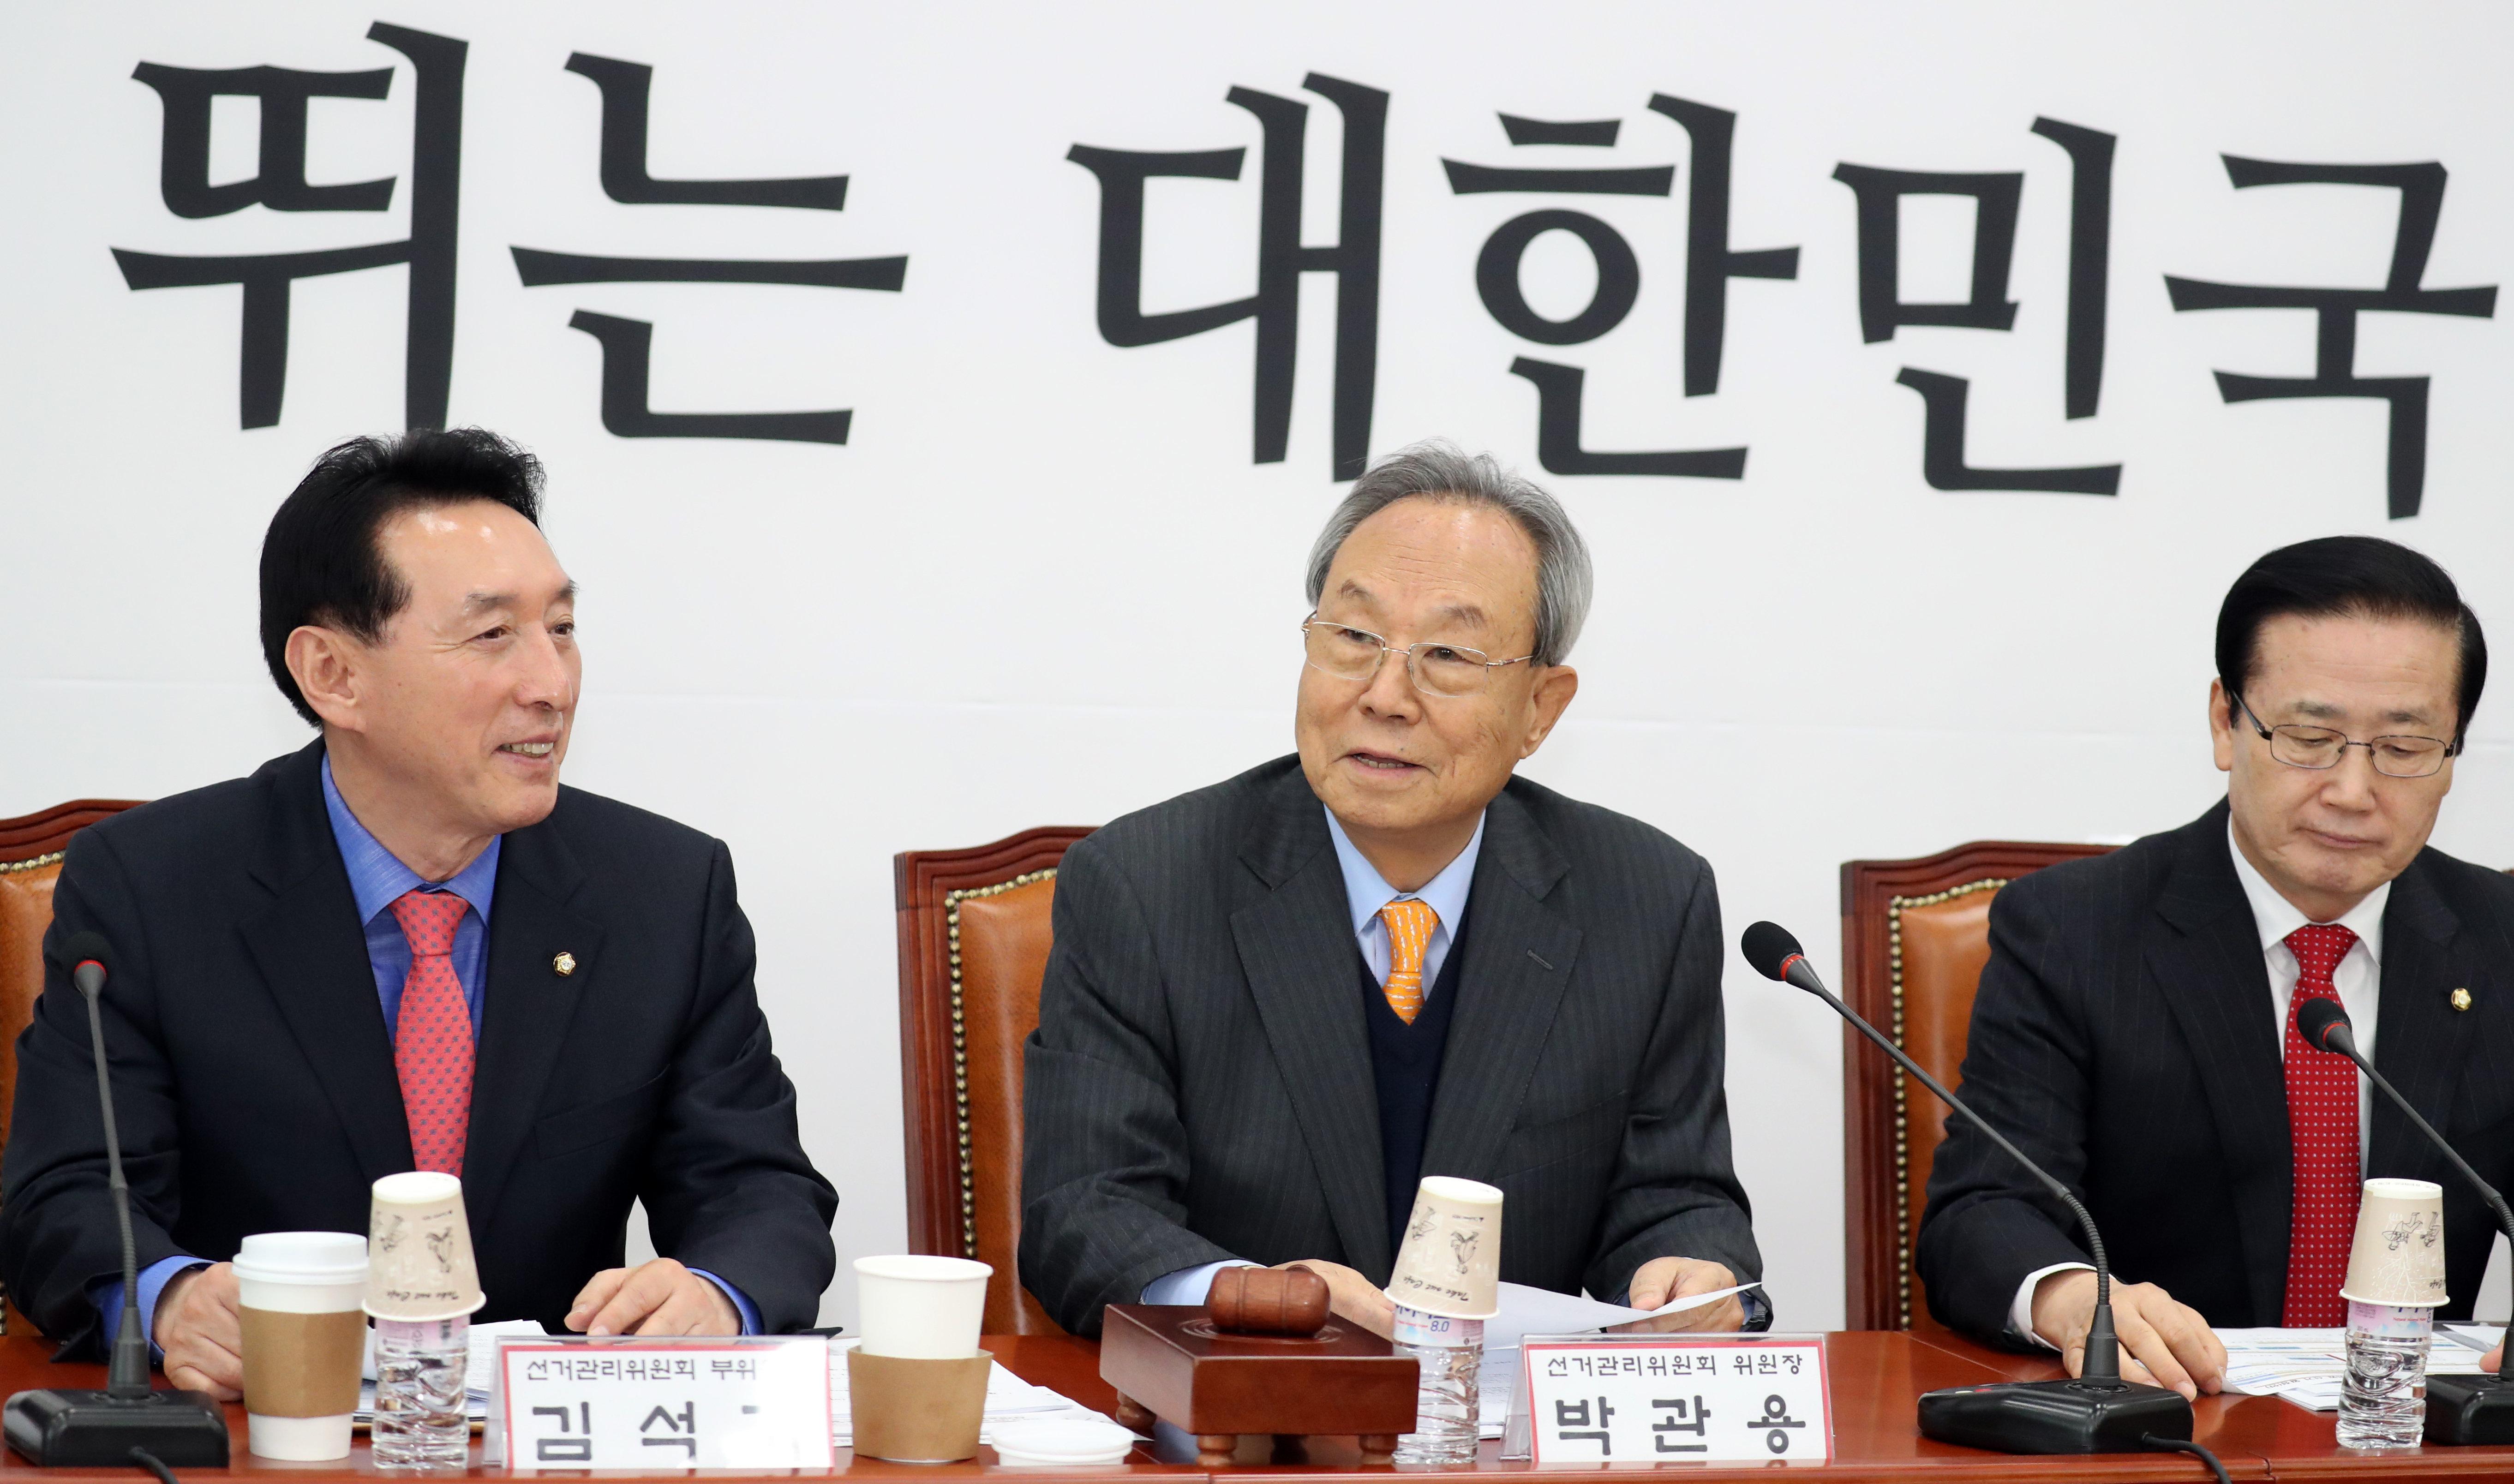 박관용 자유한국당 선거관리위원장(가운데)이 8일 서울 여의도 국회에서 열린 긴급회의에서 모두발언을 하고